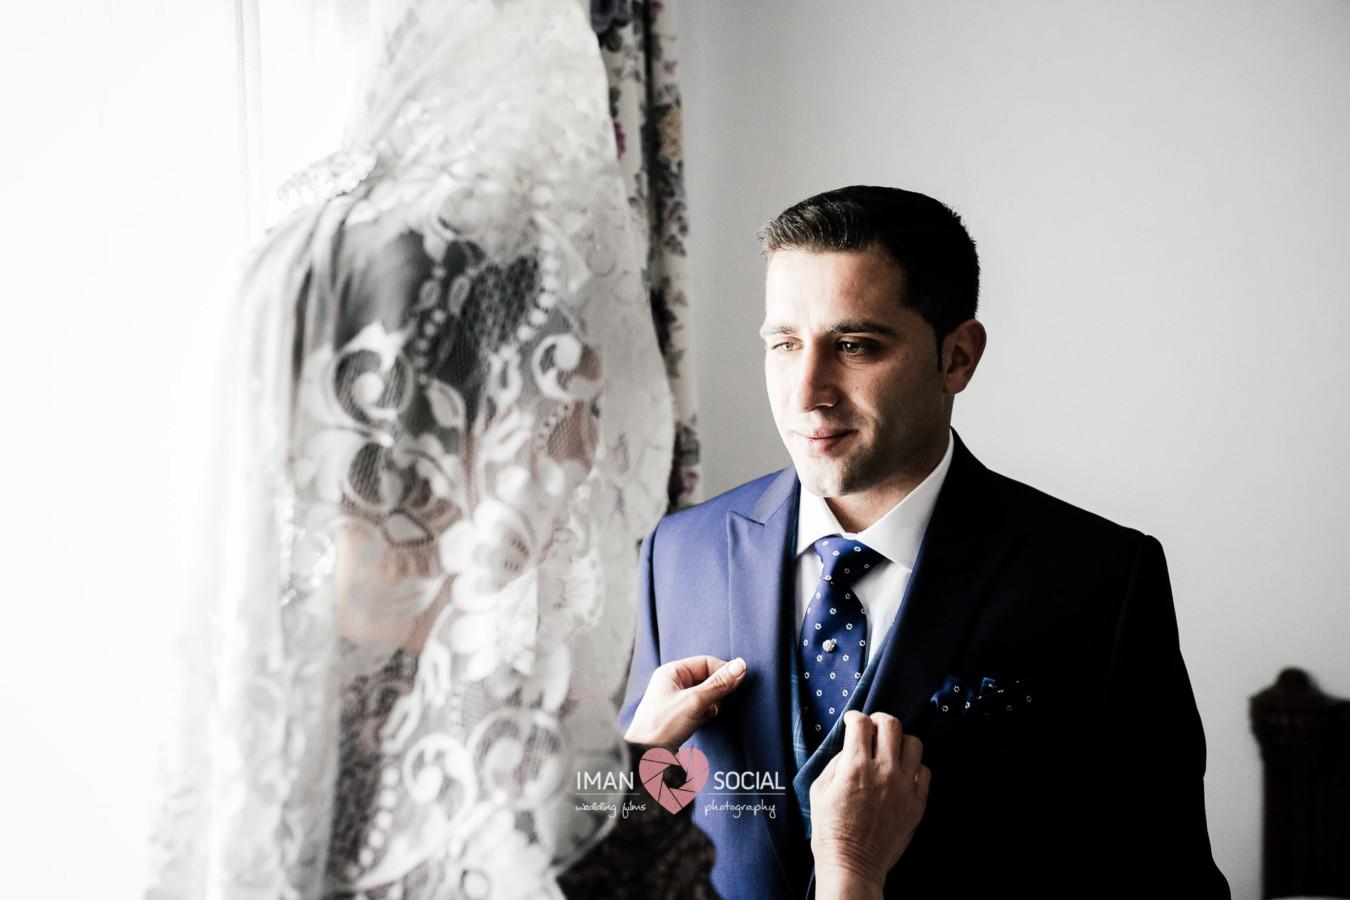 fotografo-de-boda-en-cordoba-sevilla-posadas-boda-auxi-y-antonio-08 Auxi & Antonio, primera boda de la temporada - video boda cordoba